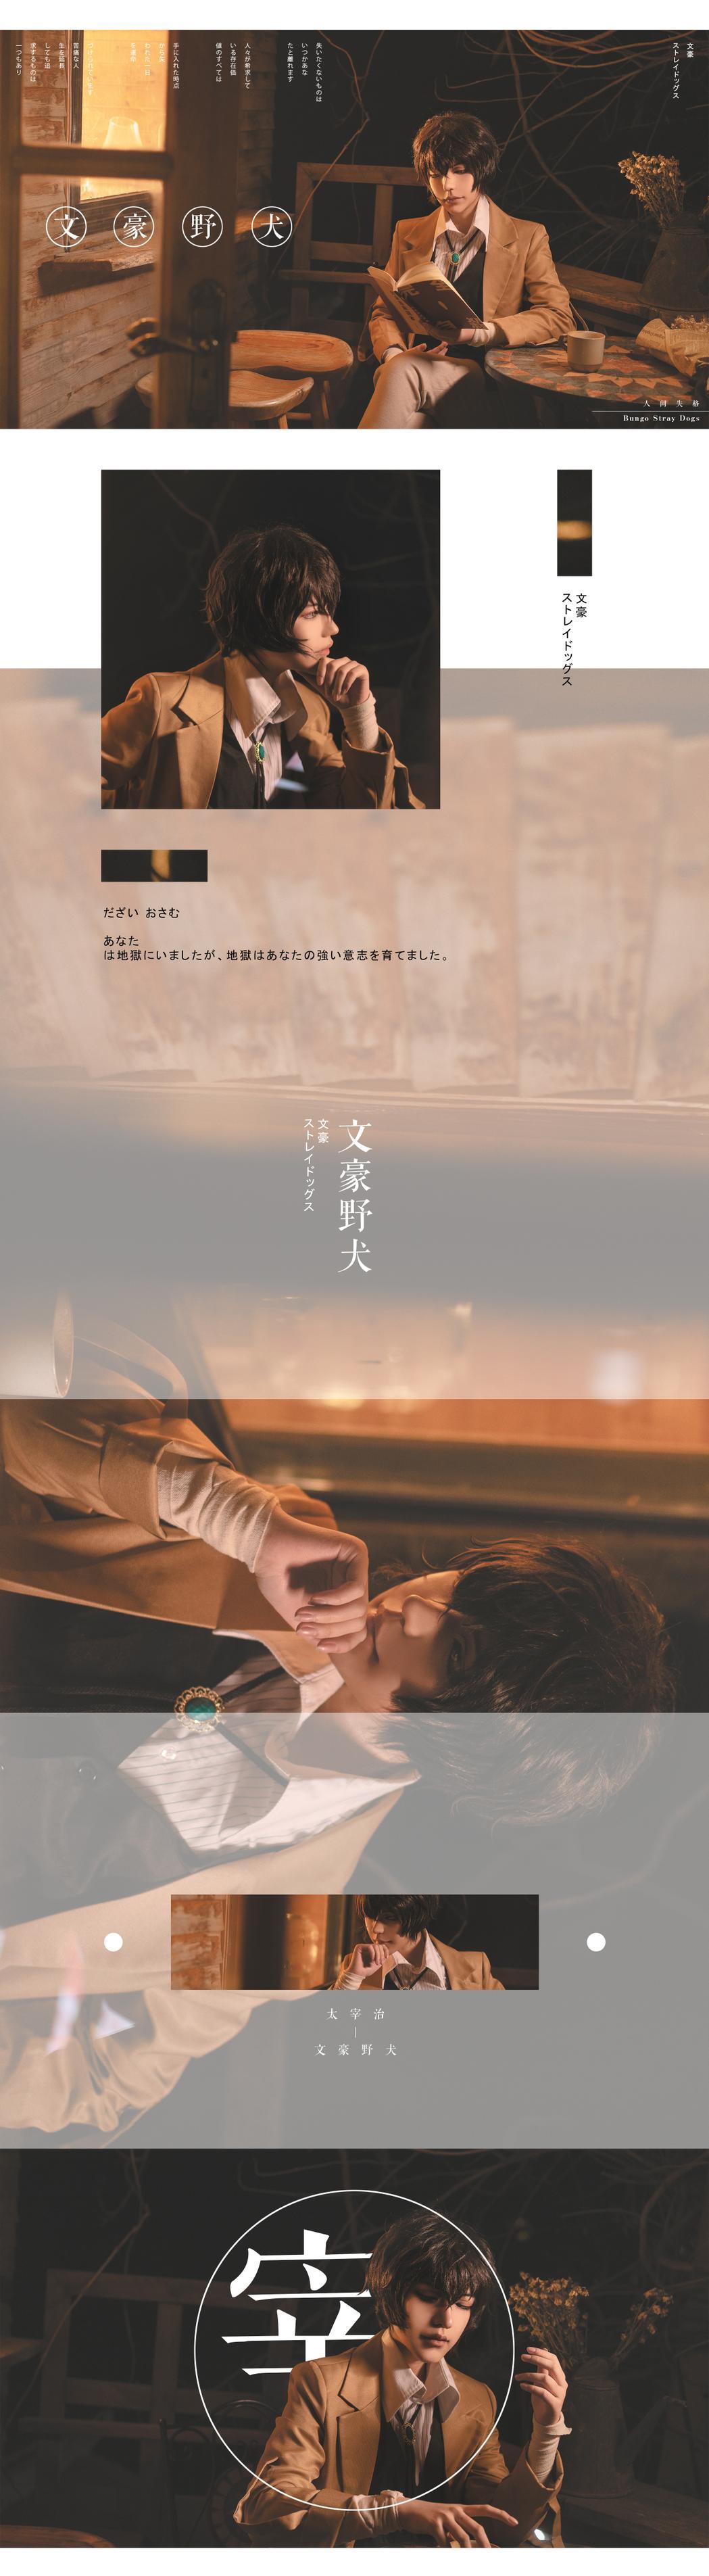 《文豪野犬》文豪野犬太宰治cosplay【CN:泽瑾_阿泽】-第2张